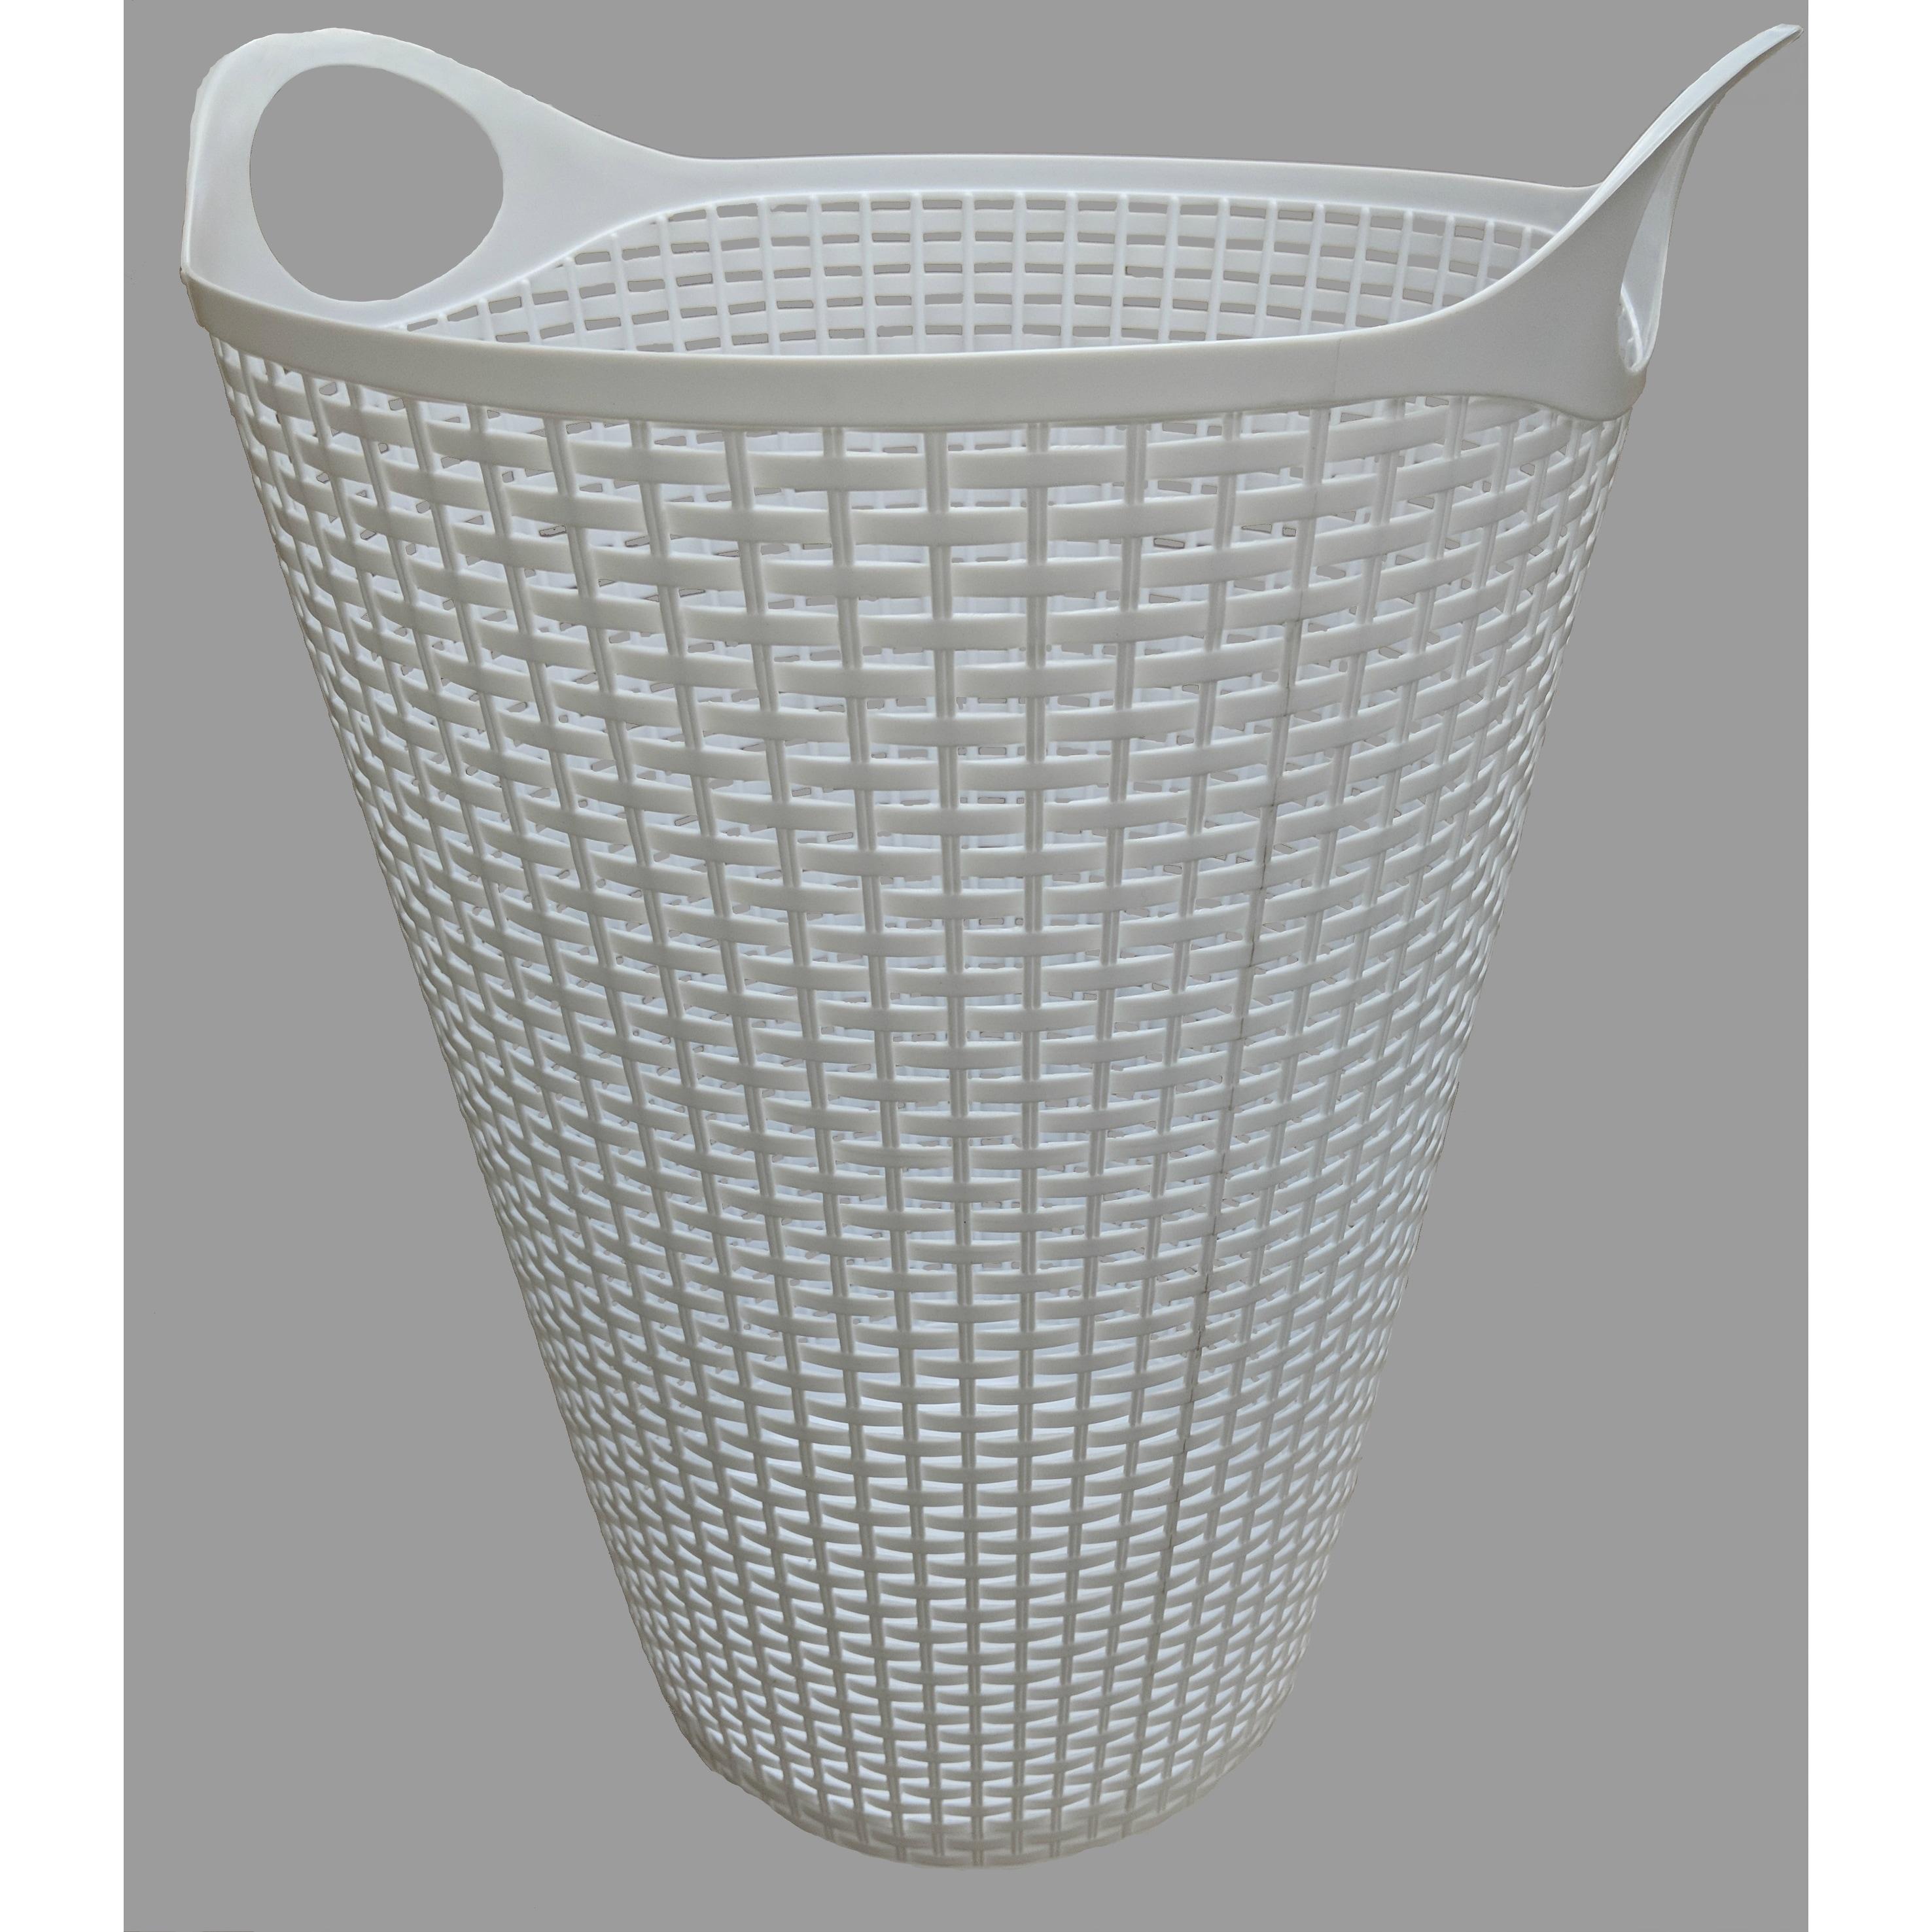 Flex Wicker Laundry Basket White, 2 Pack (Plastic)